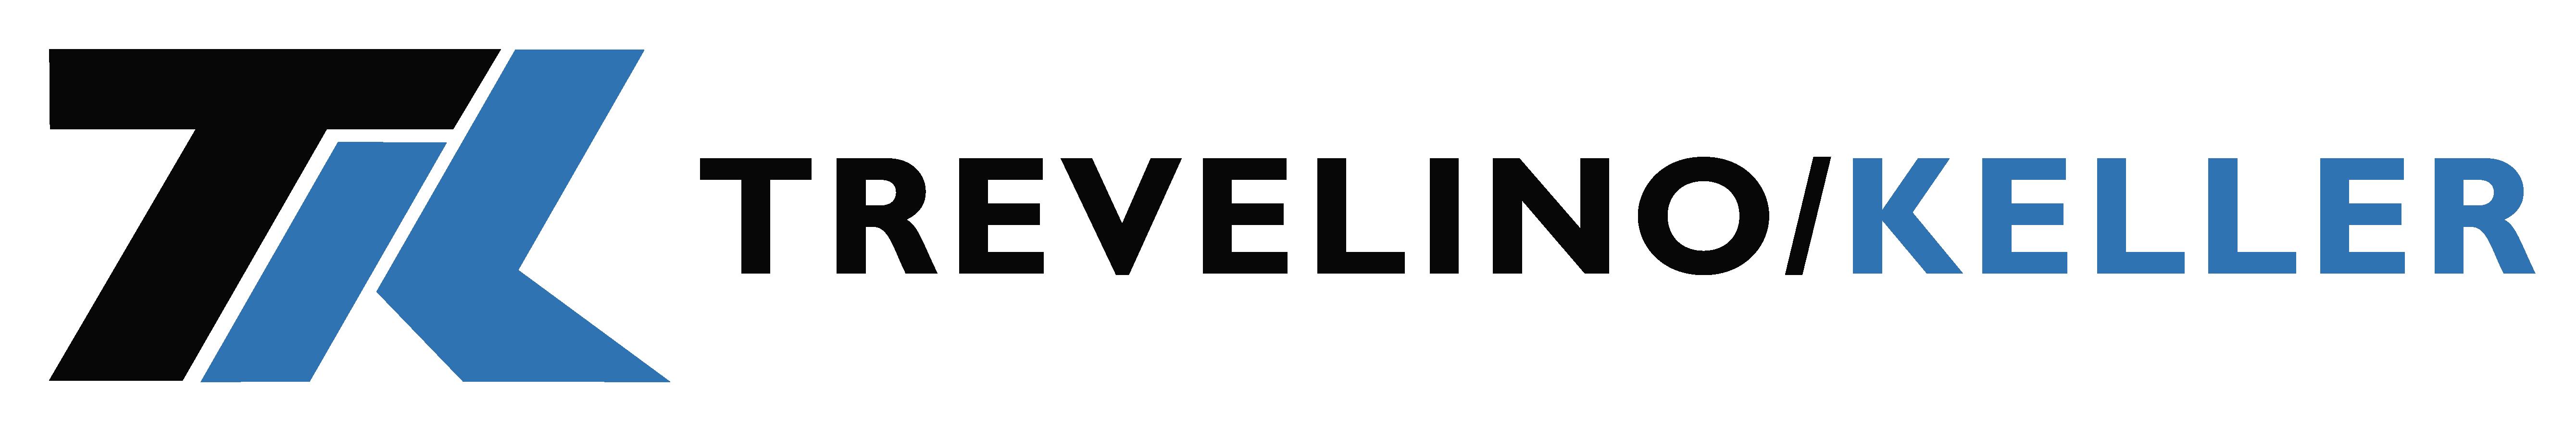 trevelino: keller